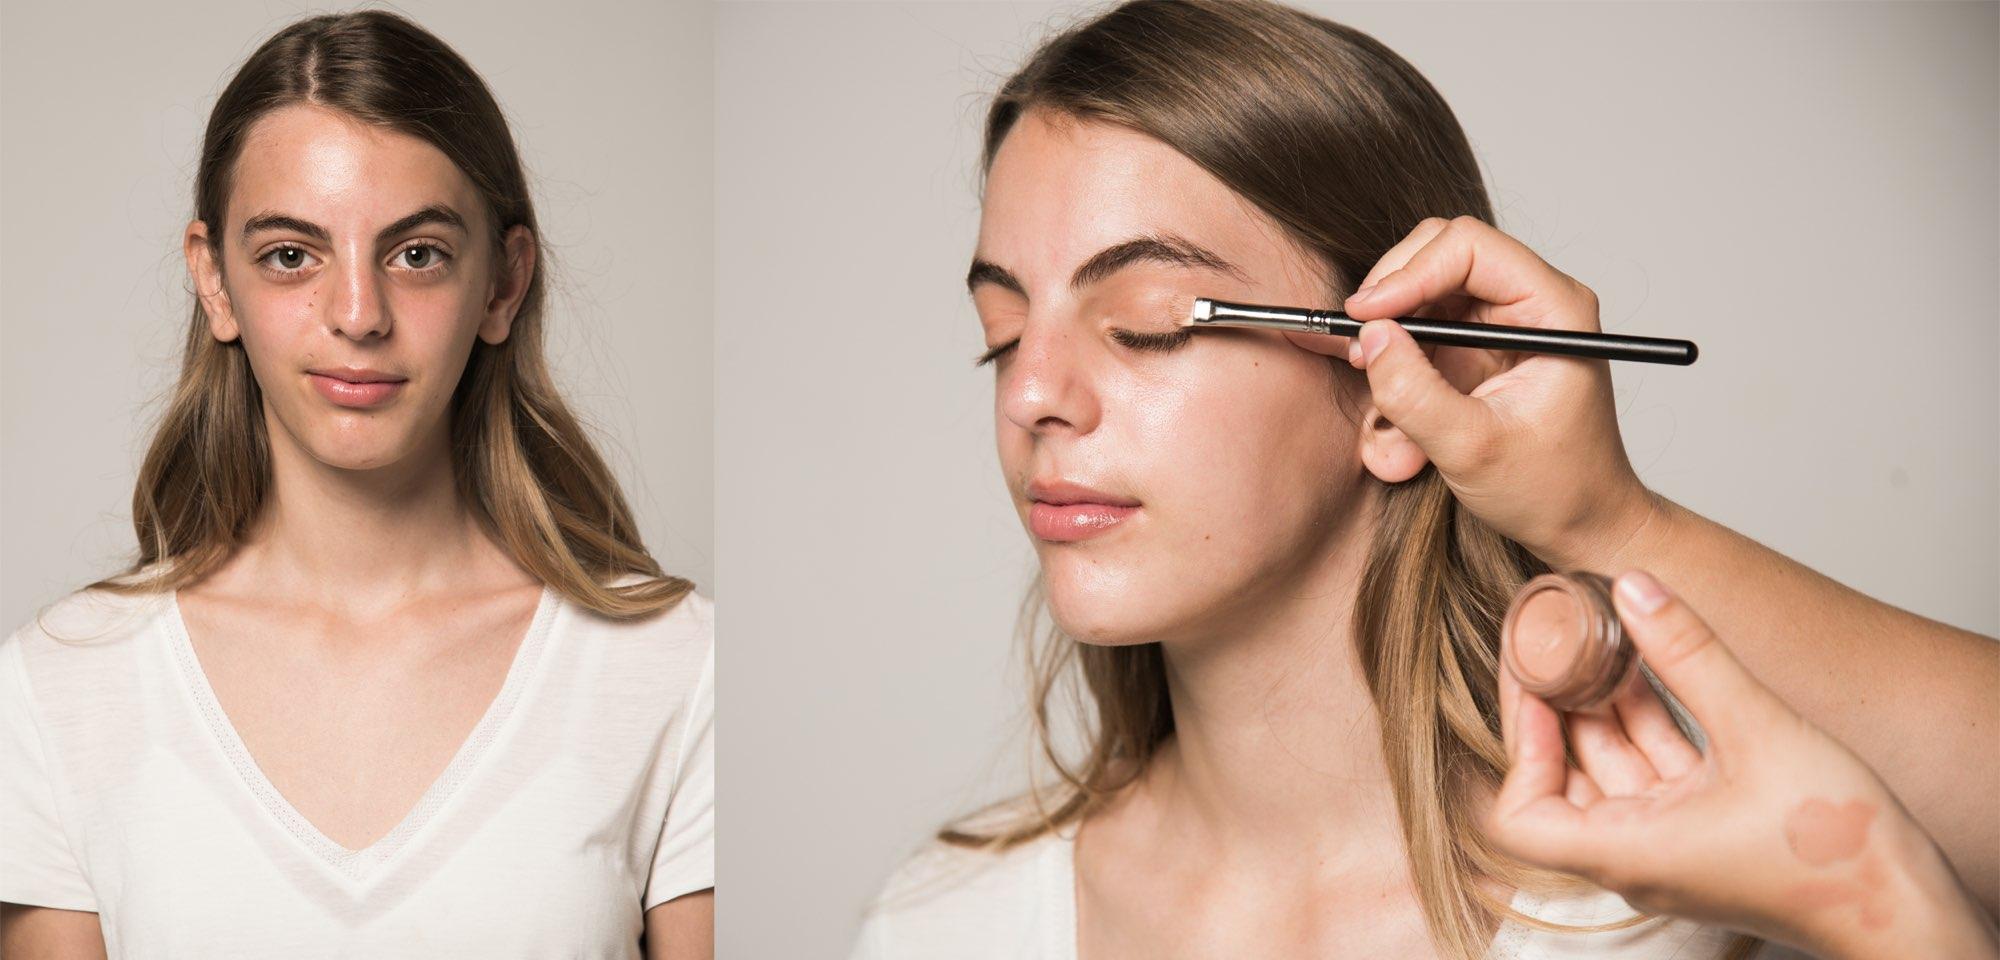 Bild zum Make up & Fashion Blog - halo-eyes--ID14634-01.jpeg?v=1611653650